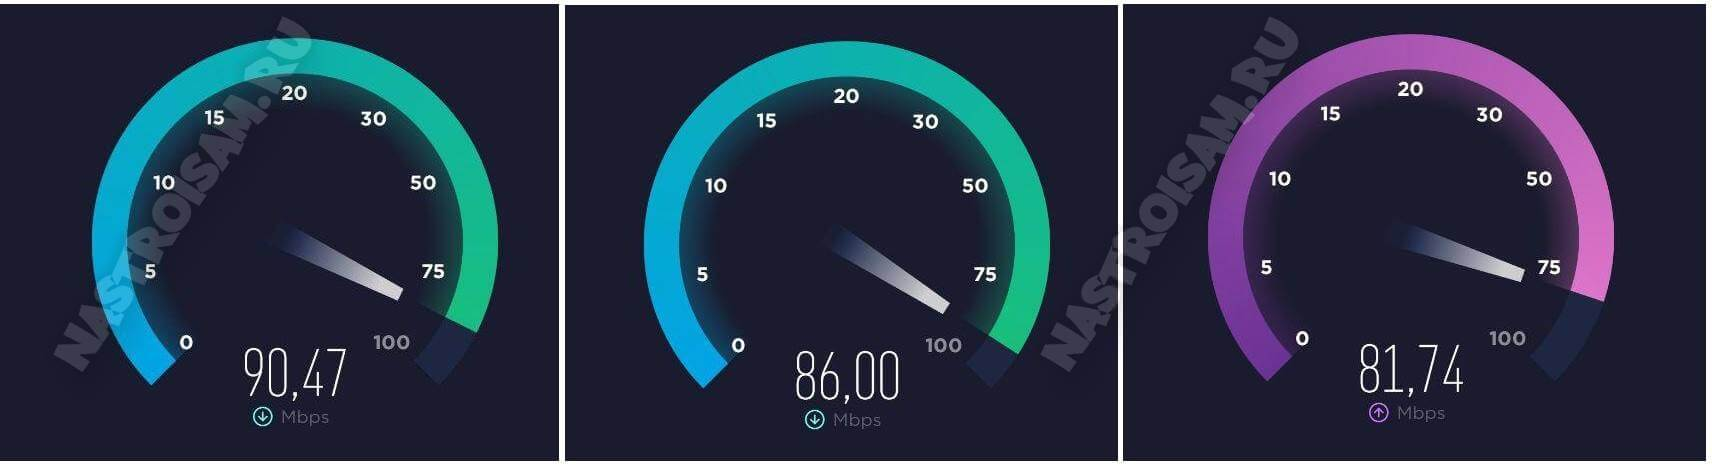 измерение скорость mesh wifi